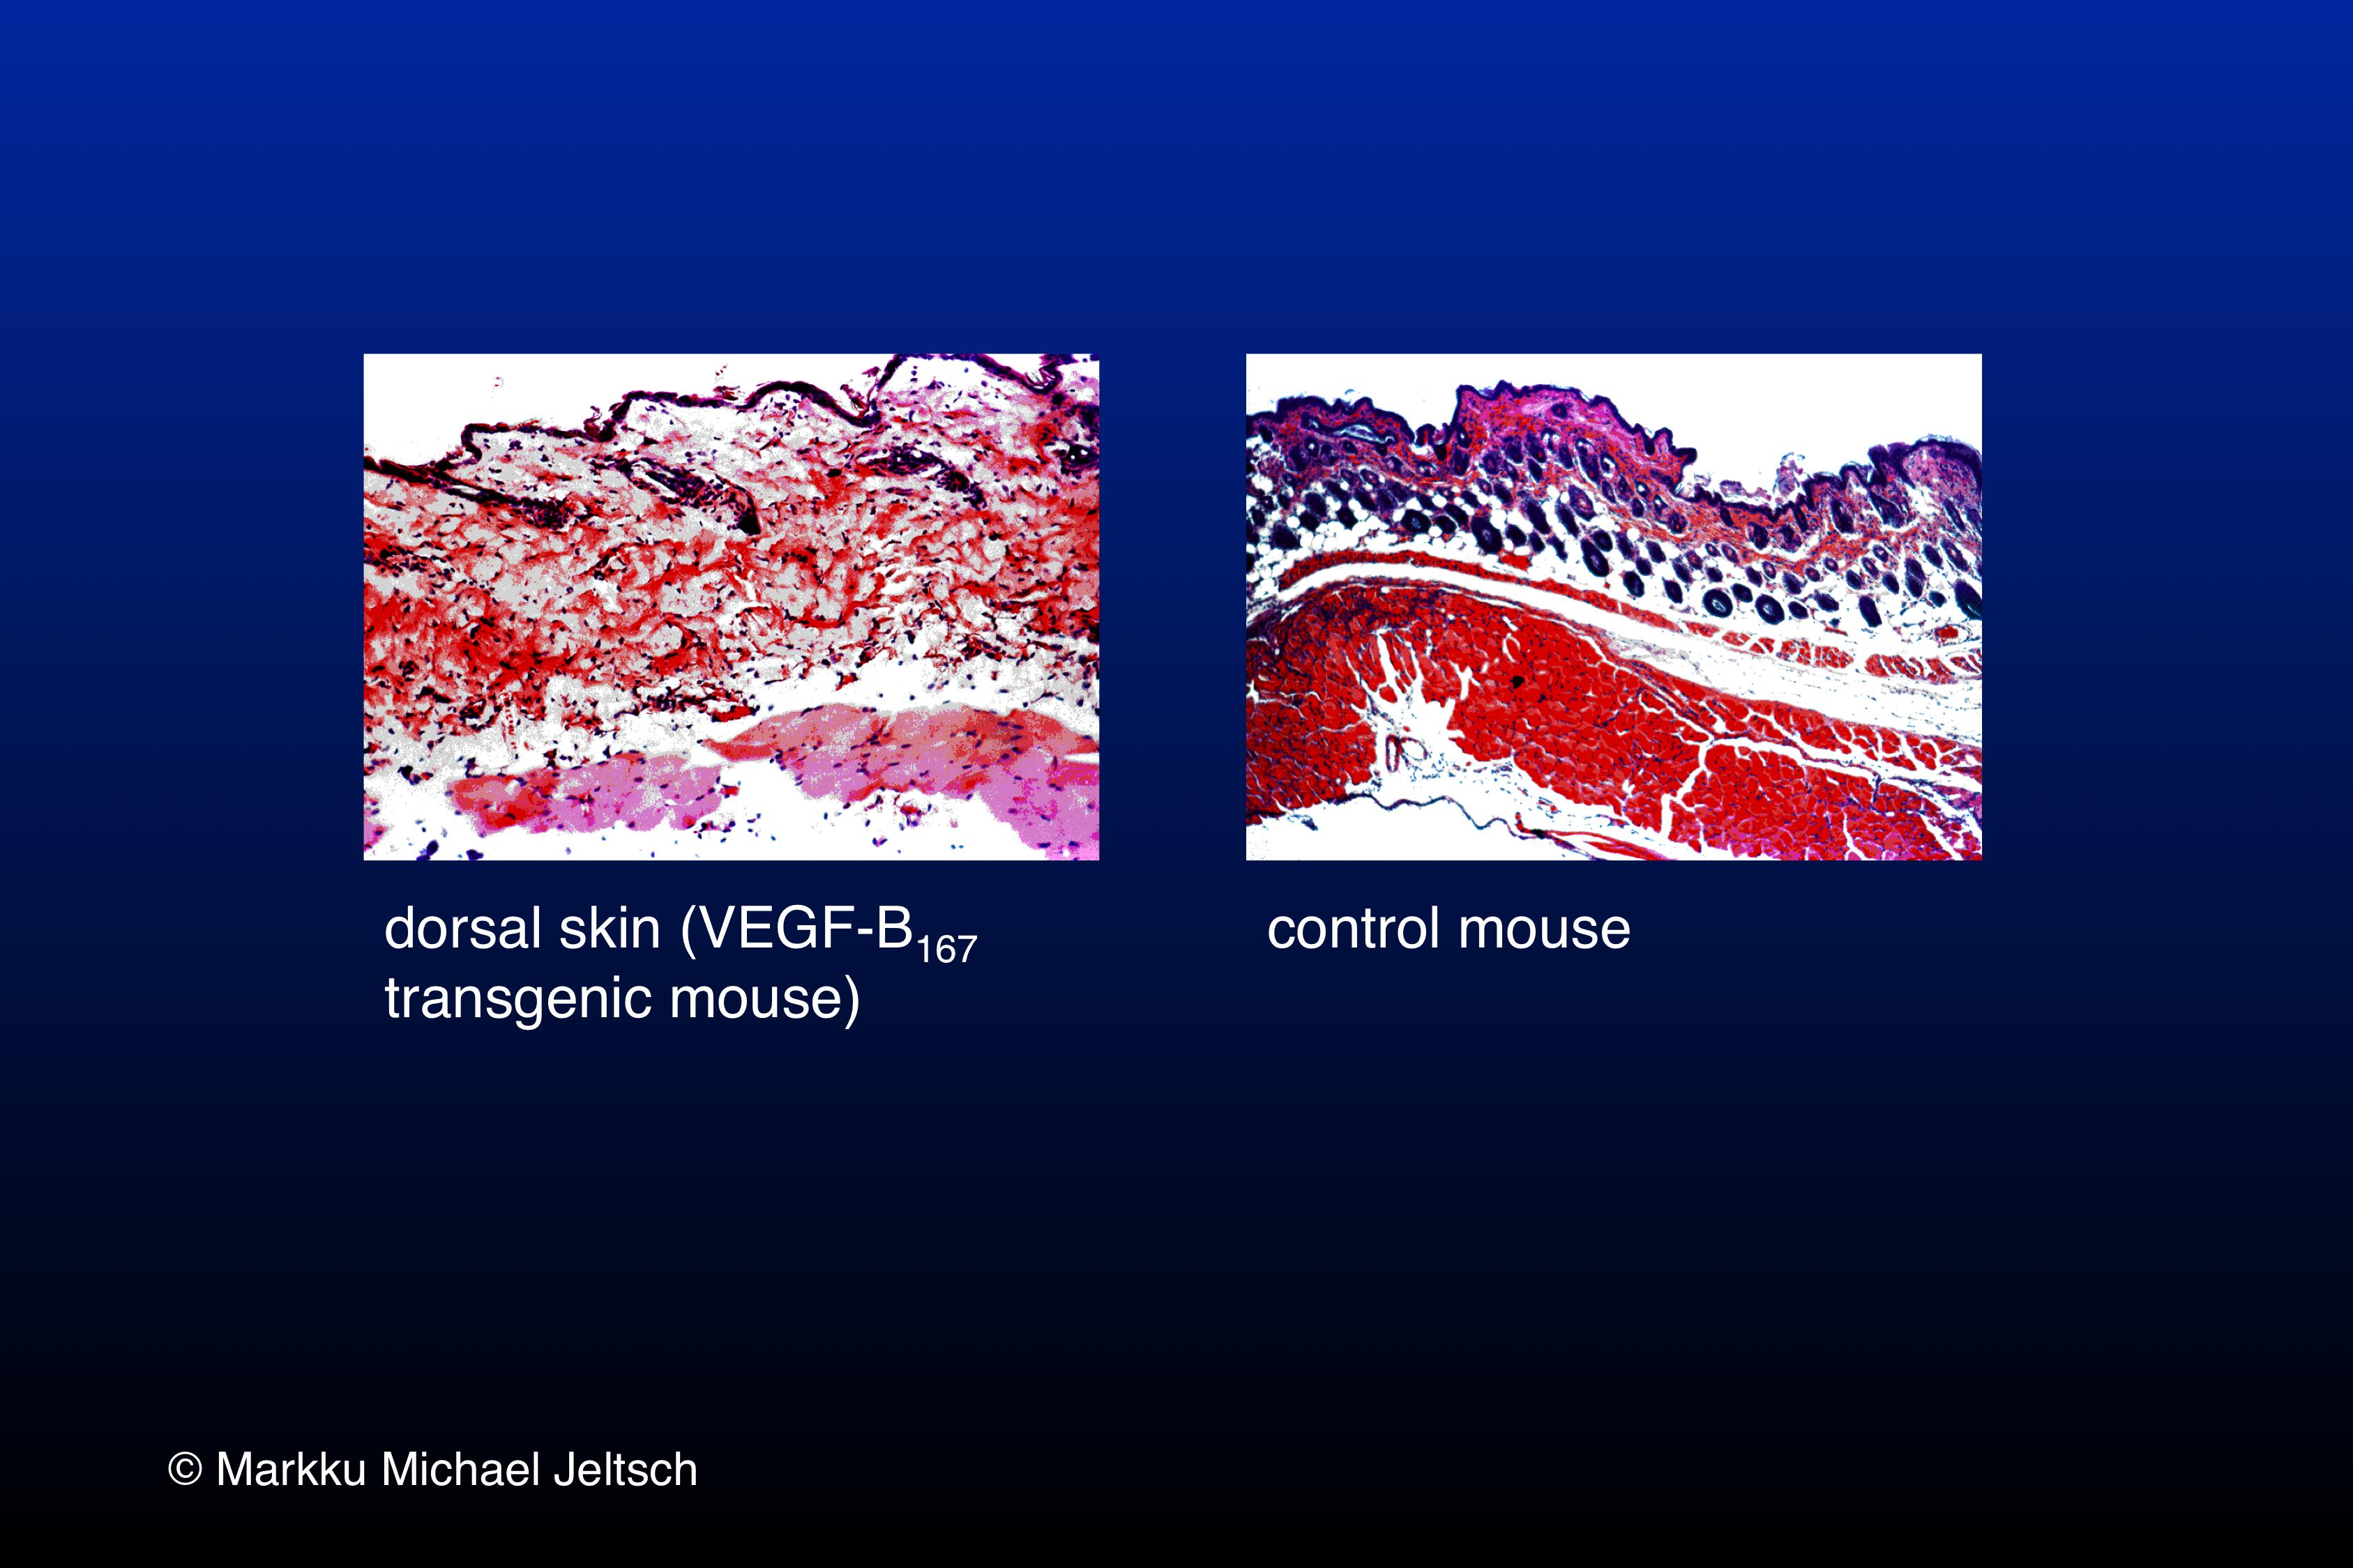 skin H&E staining of K14-VEGF-B167 transgenic mouse